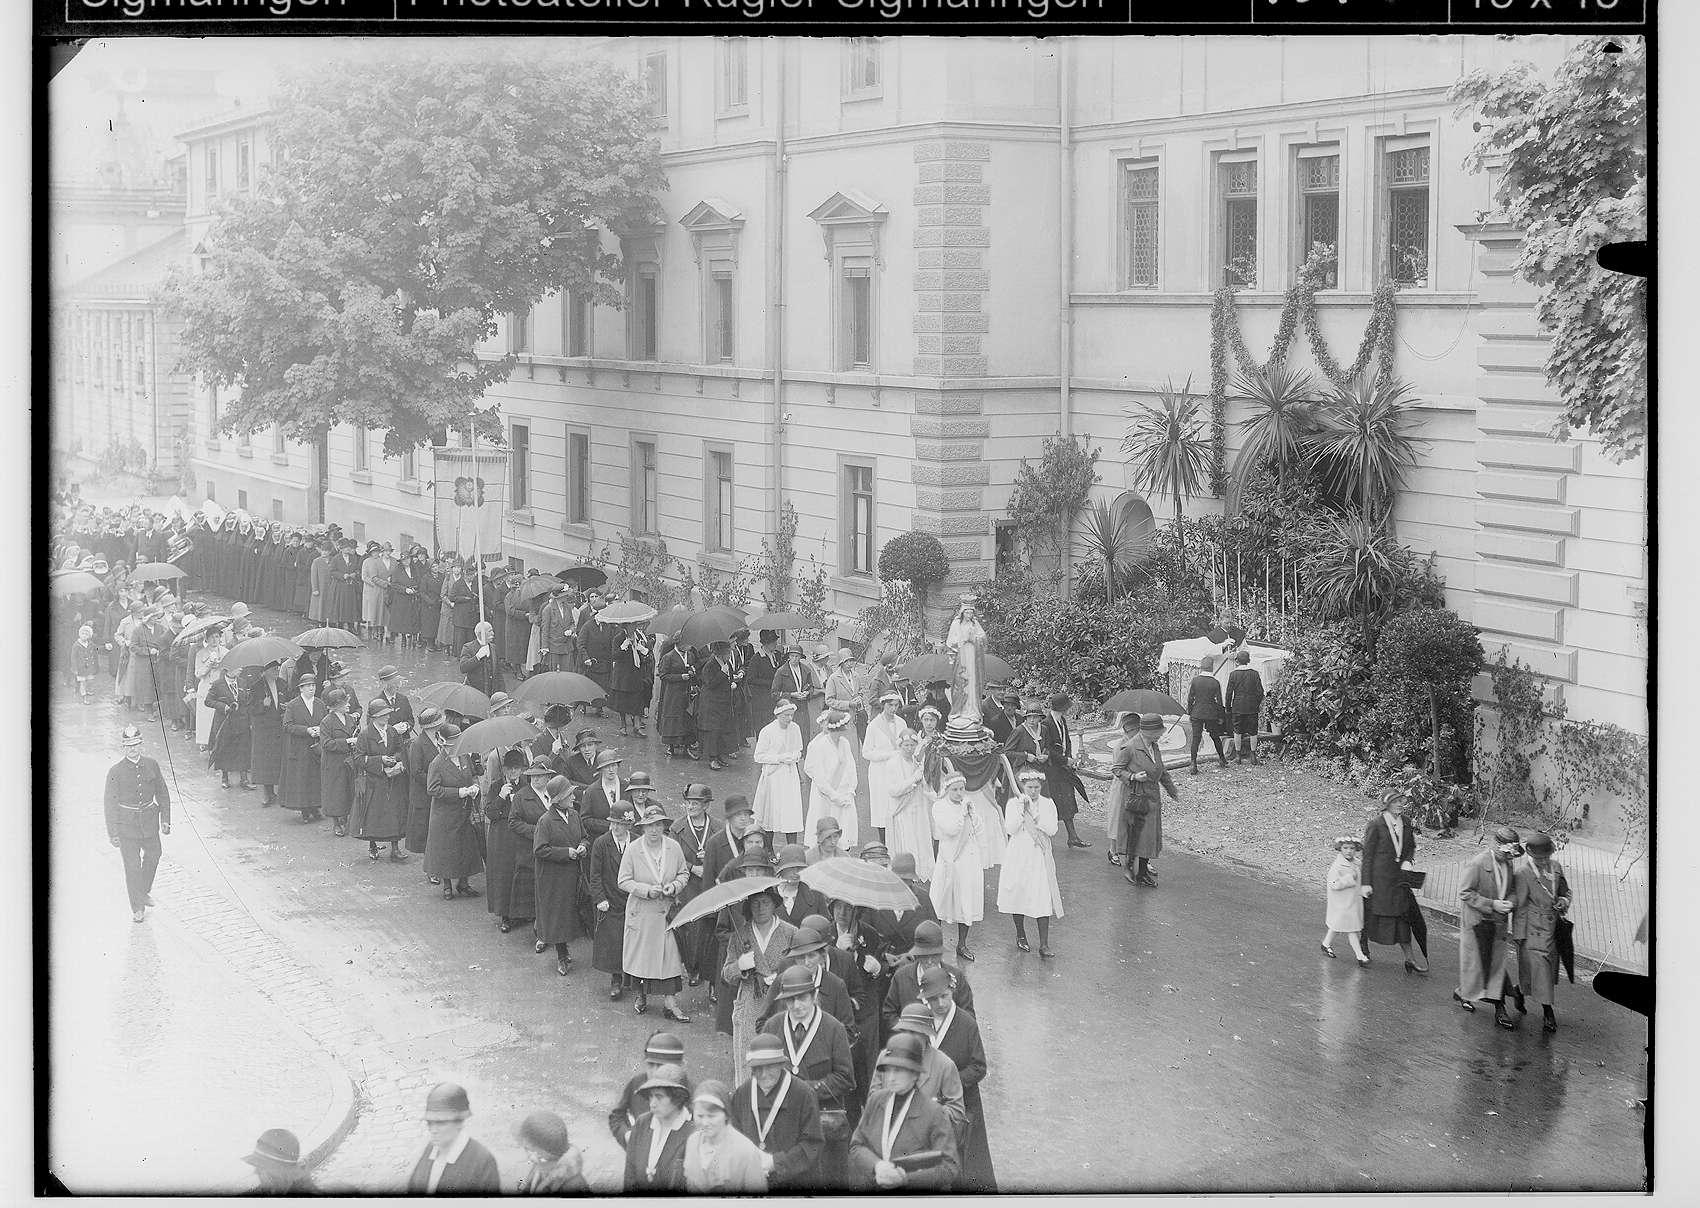 Fronleichnamsprozession in Sigmaringen 1932; Prozession in der Karlstraße vor dem Prinzenbau; im Mittelpunkt Marienstatue von vier Frauen auf Schultern getragen, Bild 1